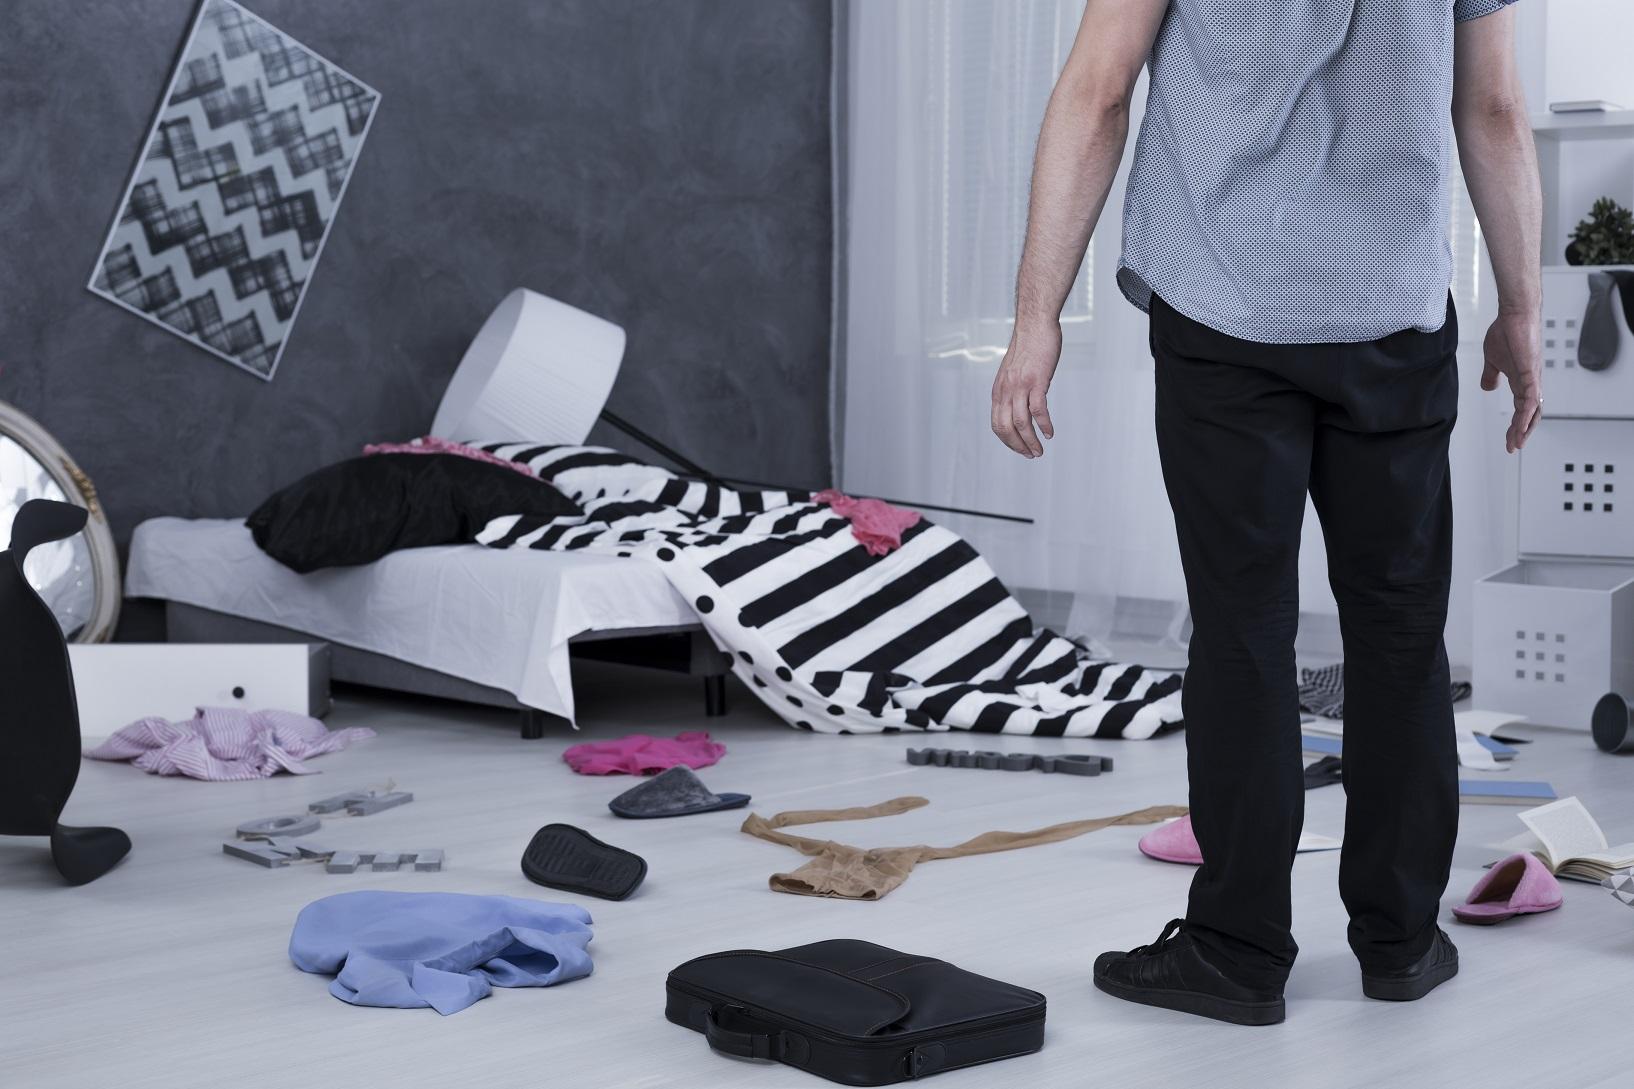 Verwüstetes Zimmer - Haben Einbrecher alles durchsucht oder gab es eine wilde Party